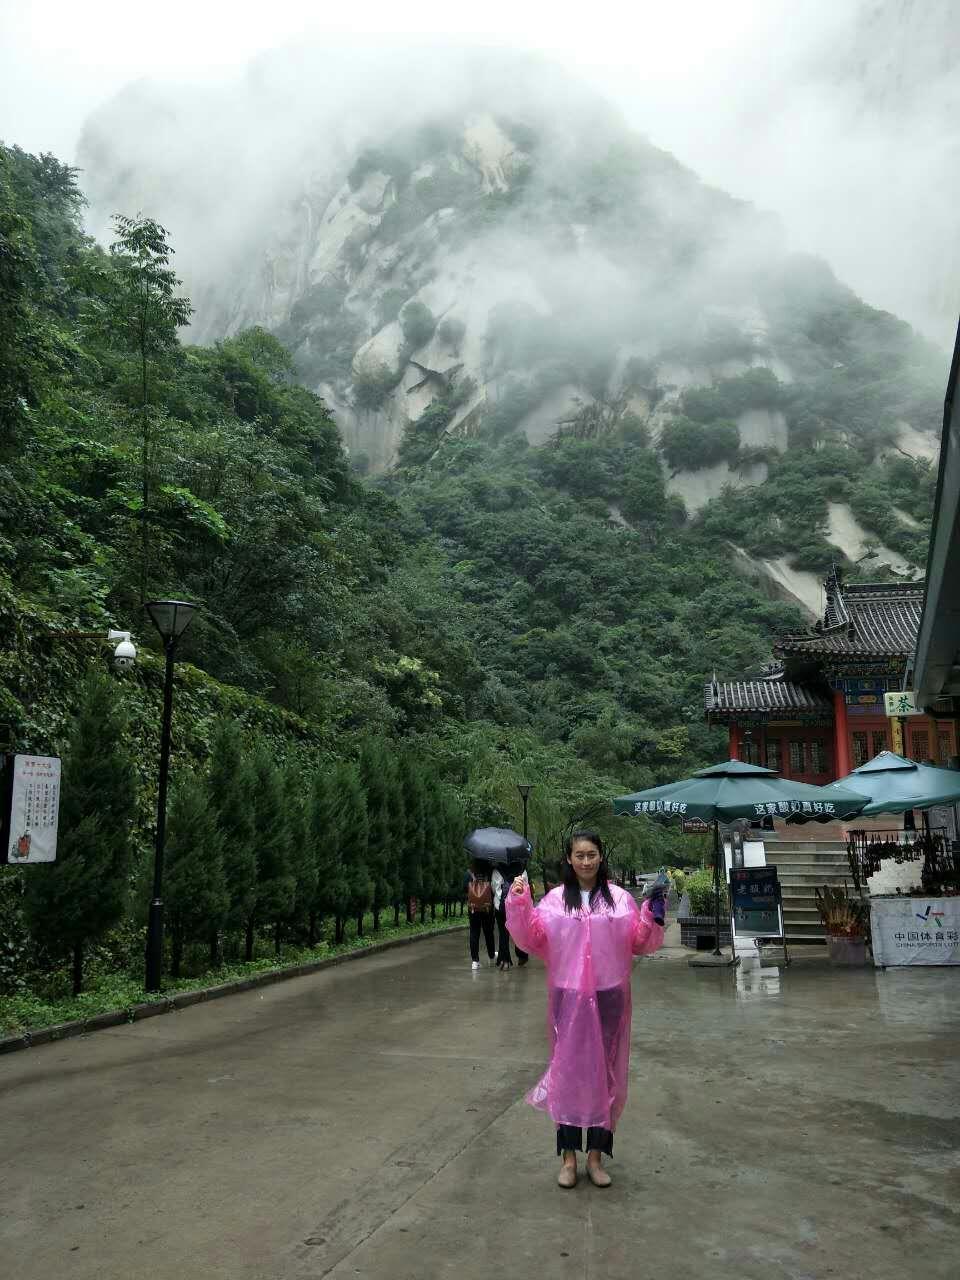 华山真的是名不虚传的险啊,去的那天下雨,烟雾缭绕,感觉置身云端